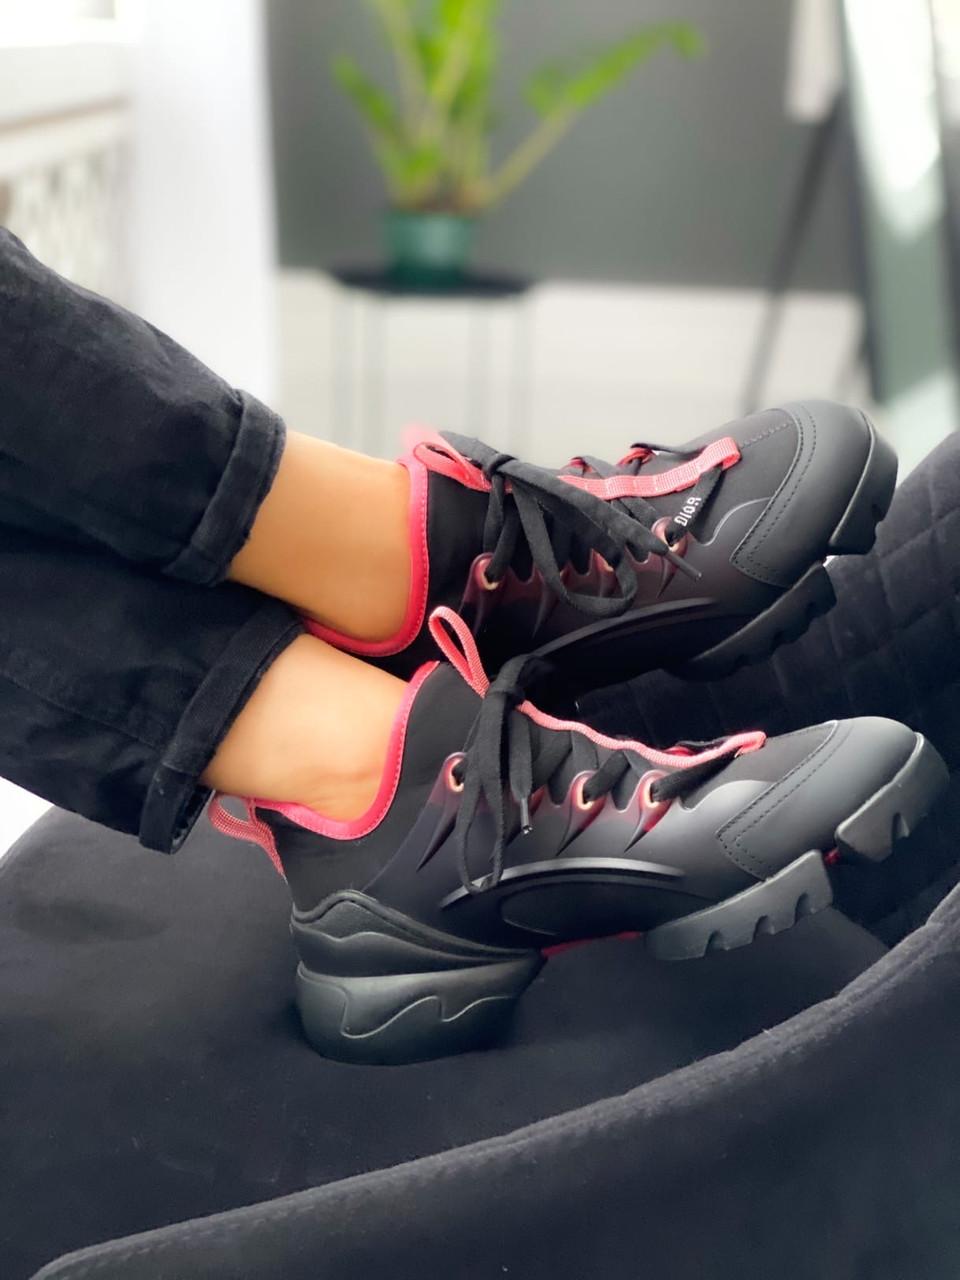 Стильные женские кроссовки Dior black pink